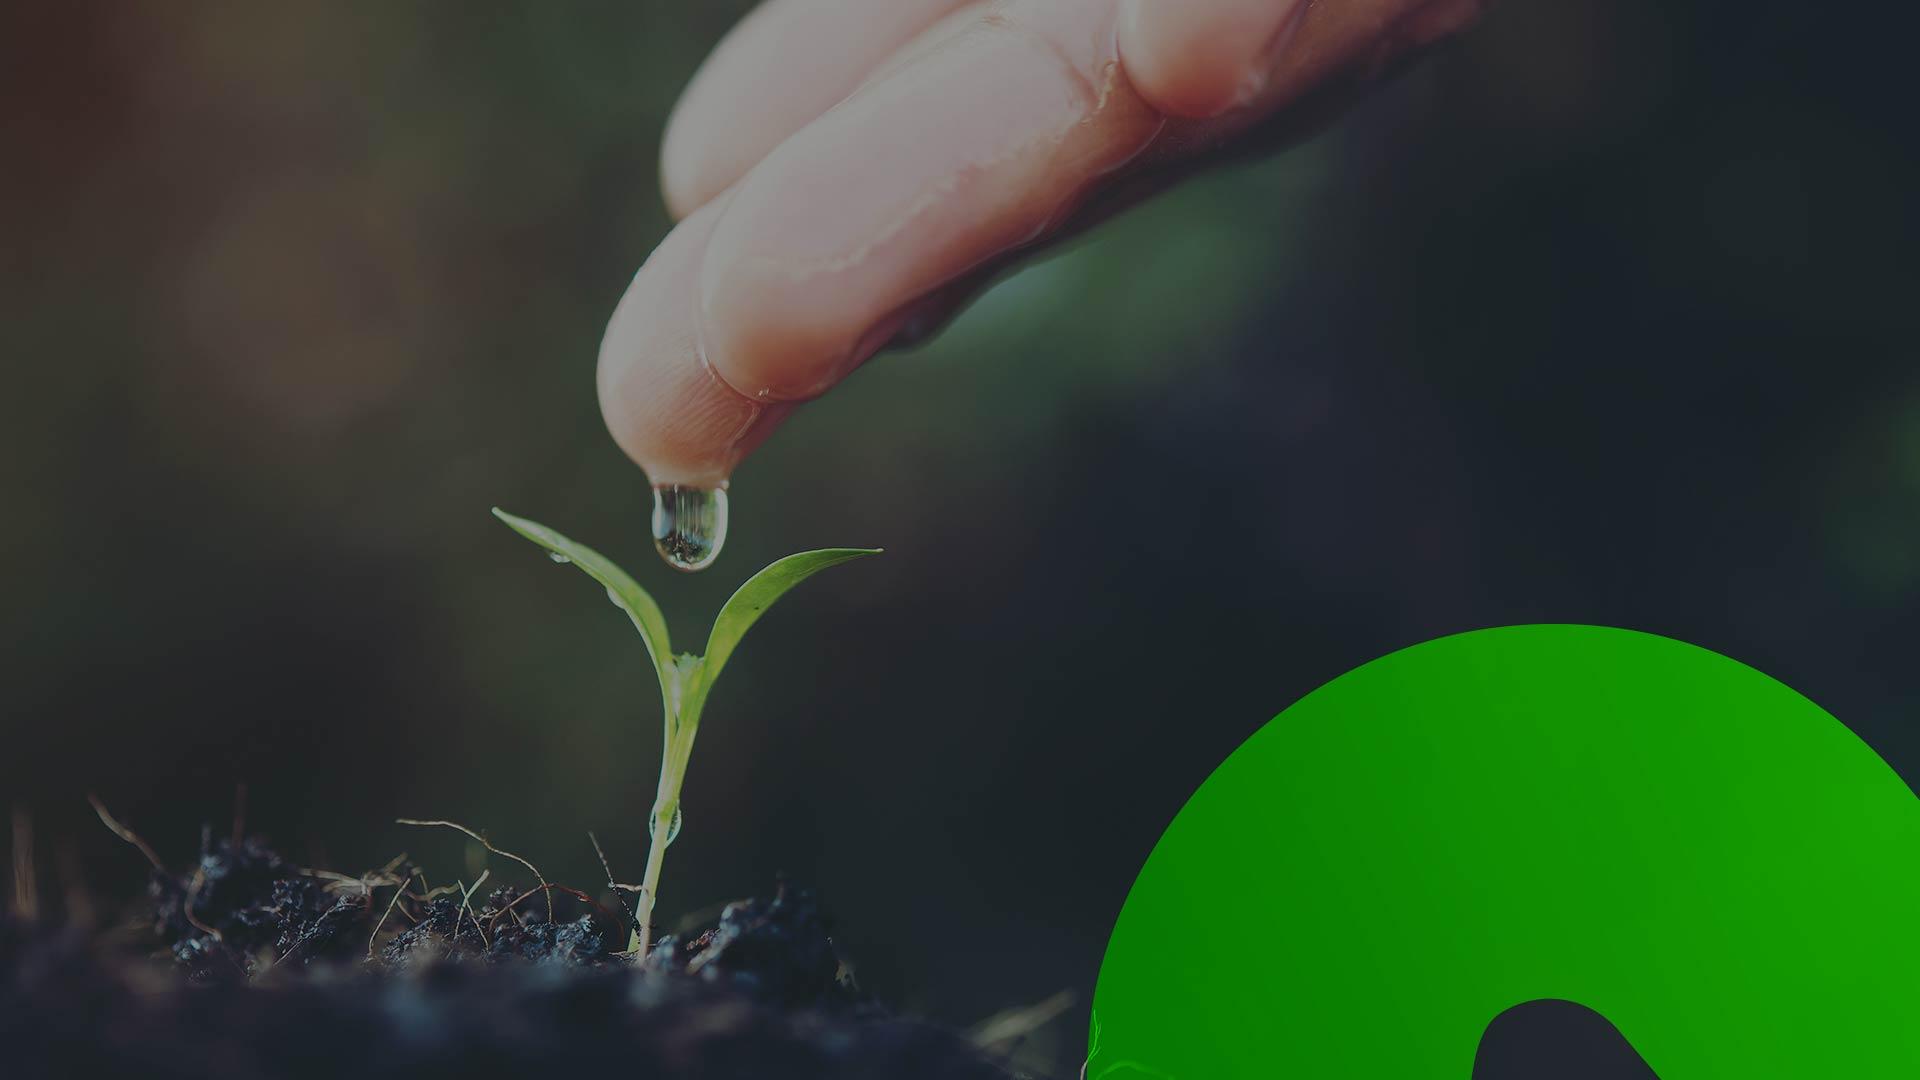 Quando descartadas, podem virar adubo a partir da compostagem ou energia através de biodigestores